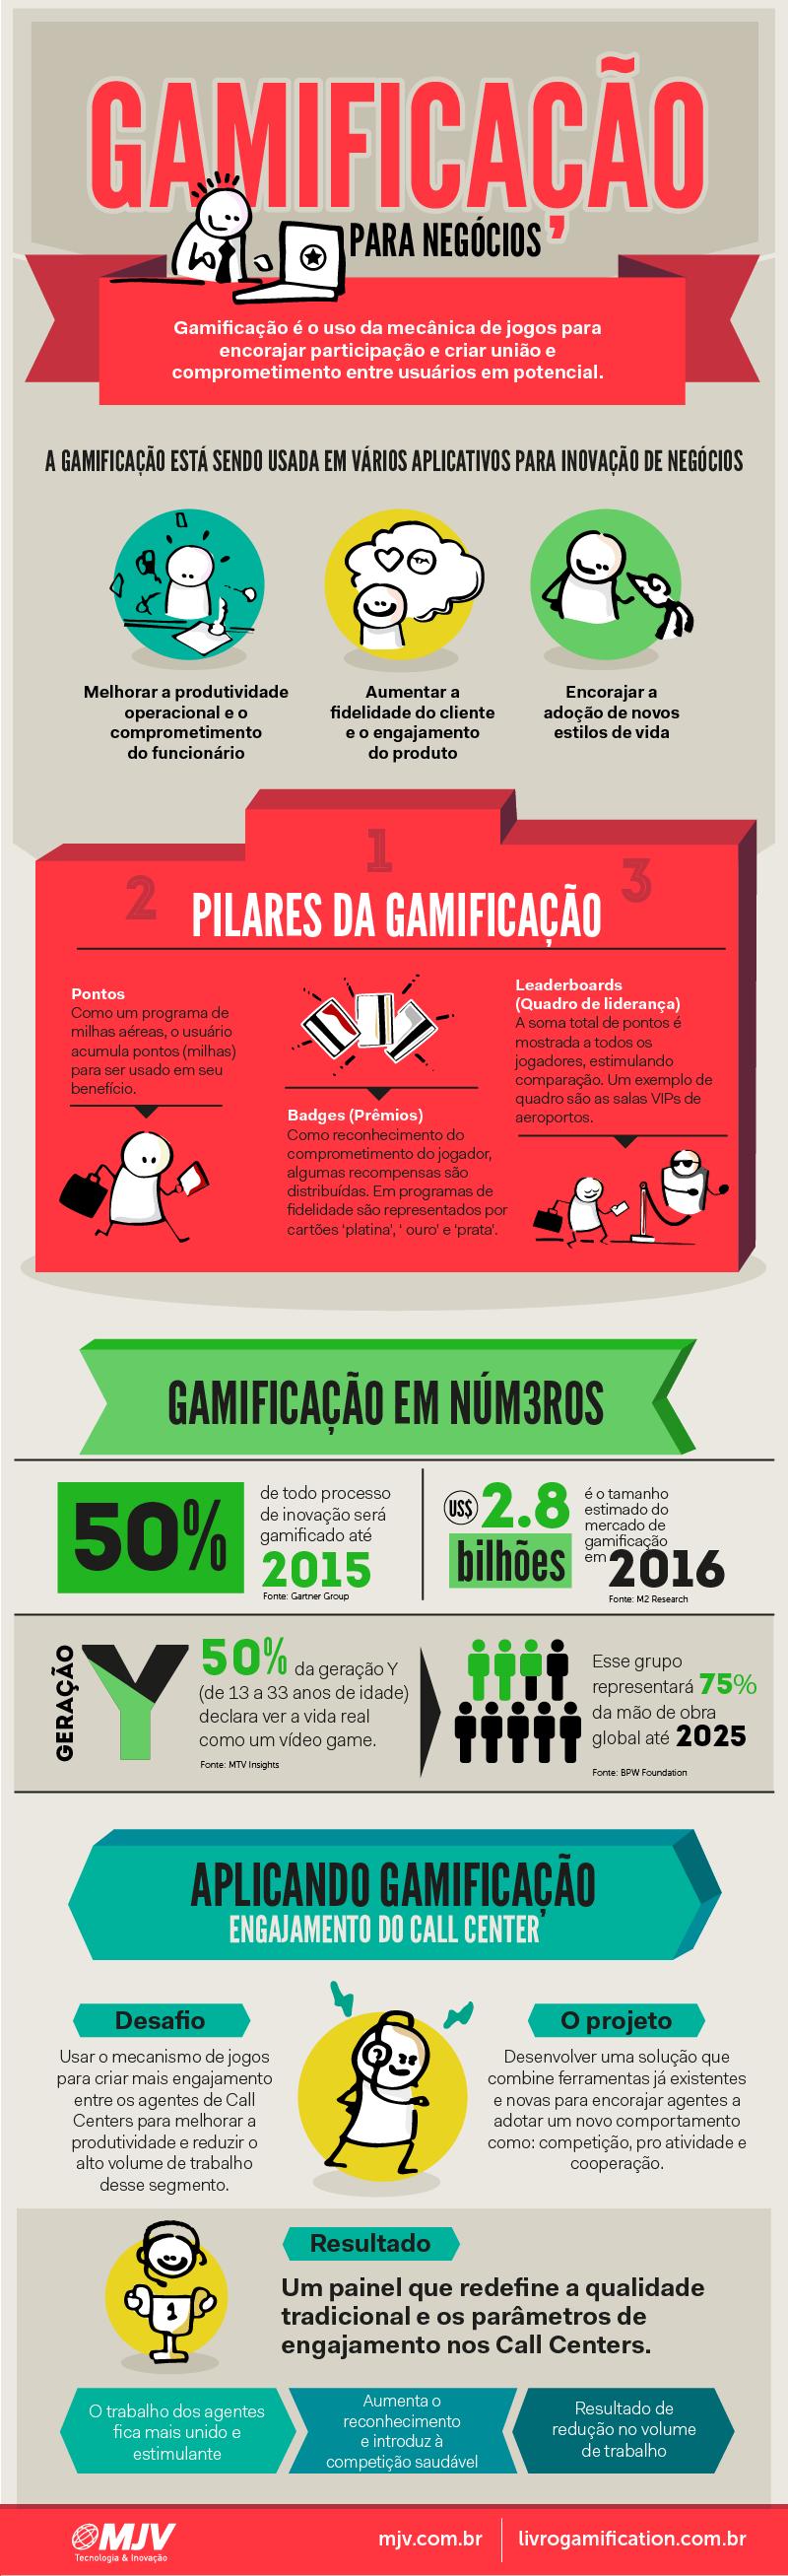 Infográfico: Gamificação para negócios - MJV - Tec...